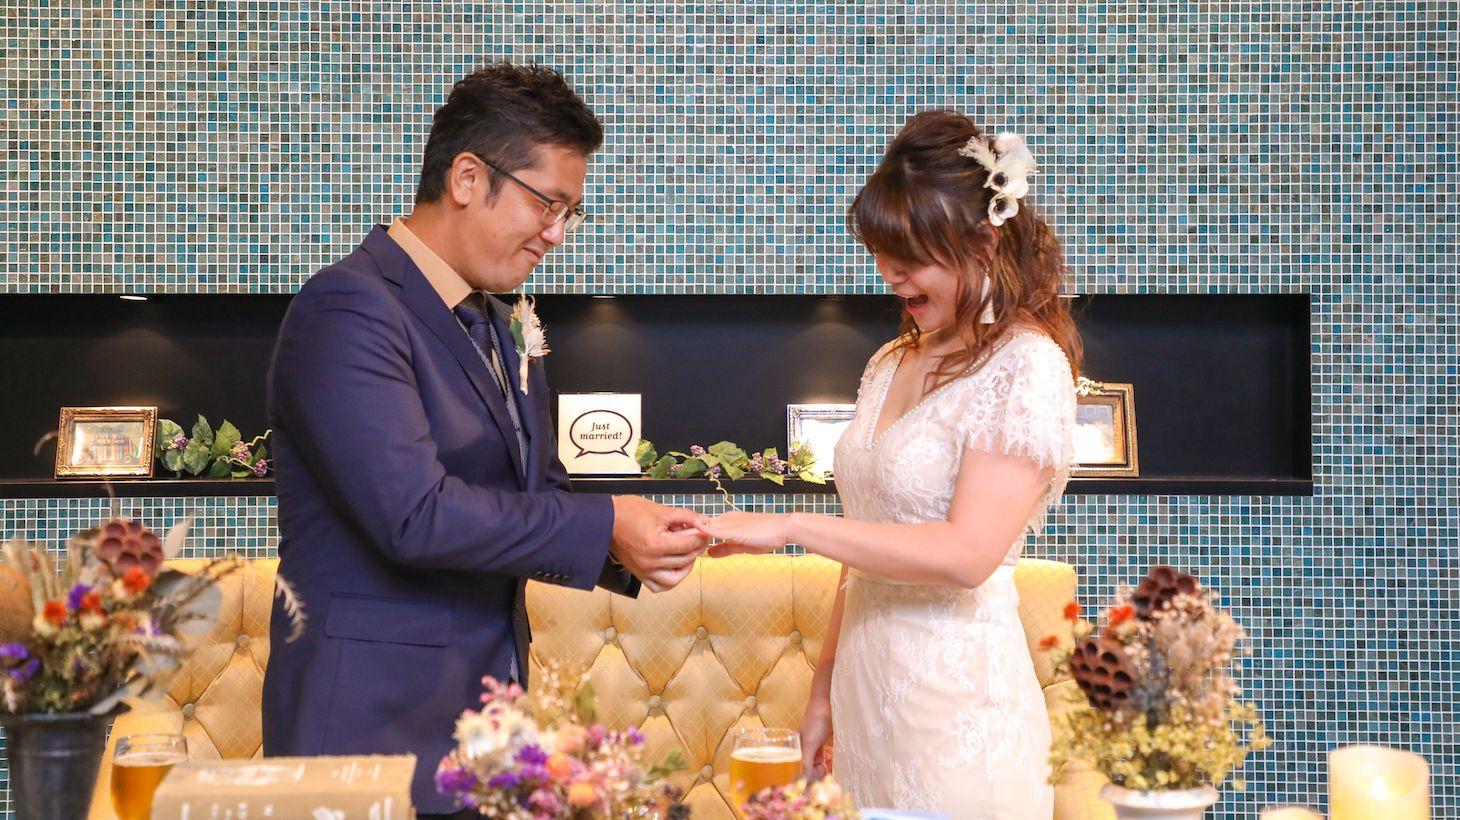 指輪交換をする夫婦